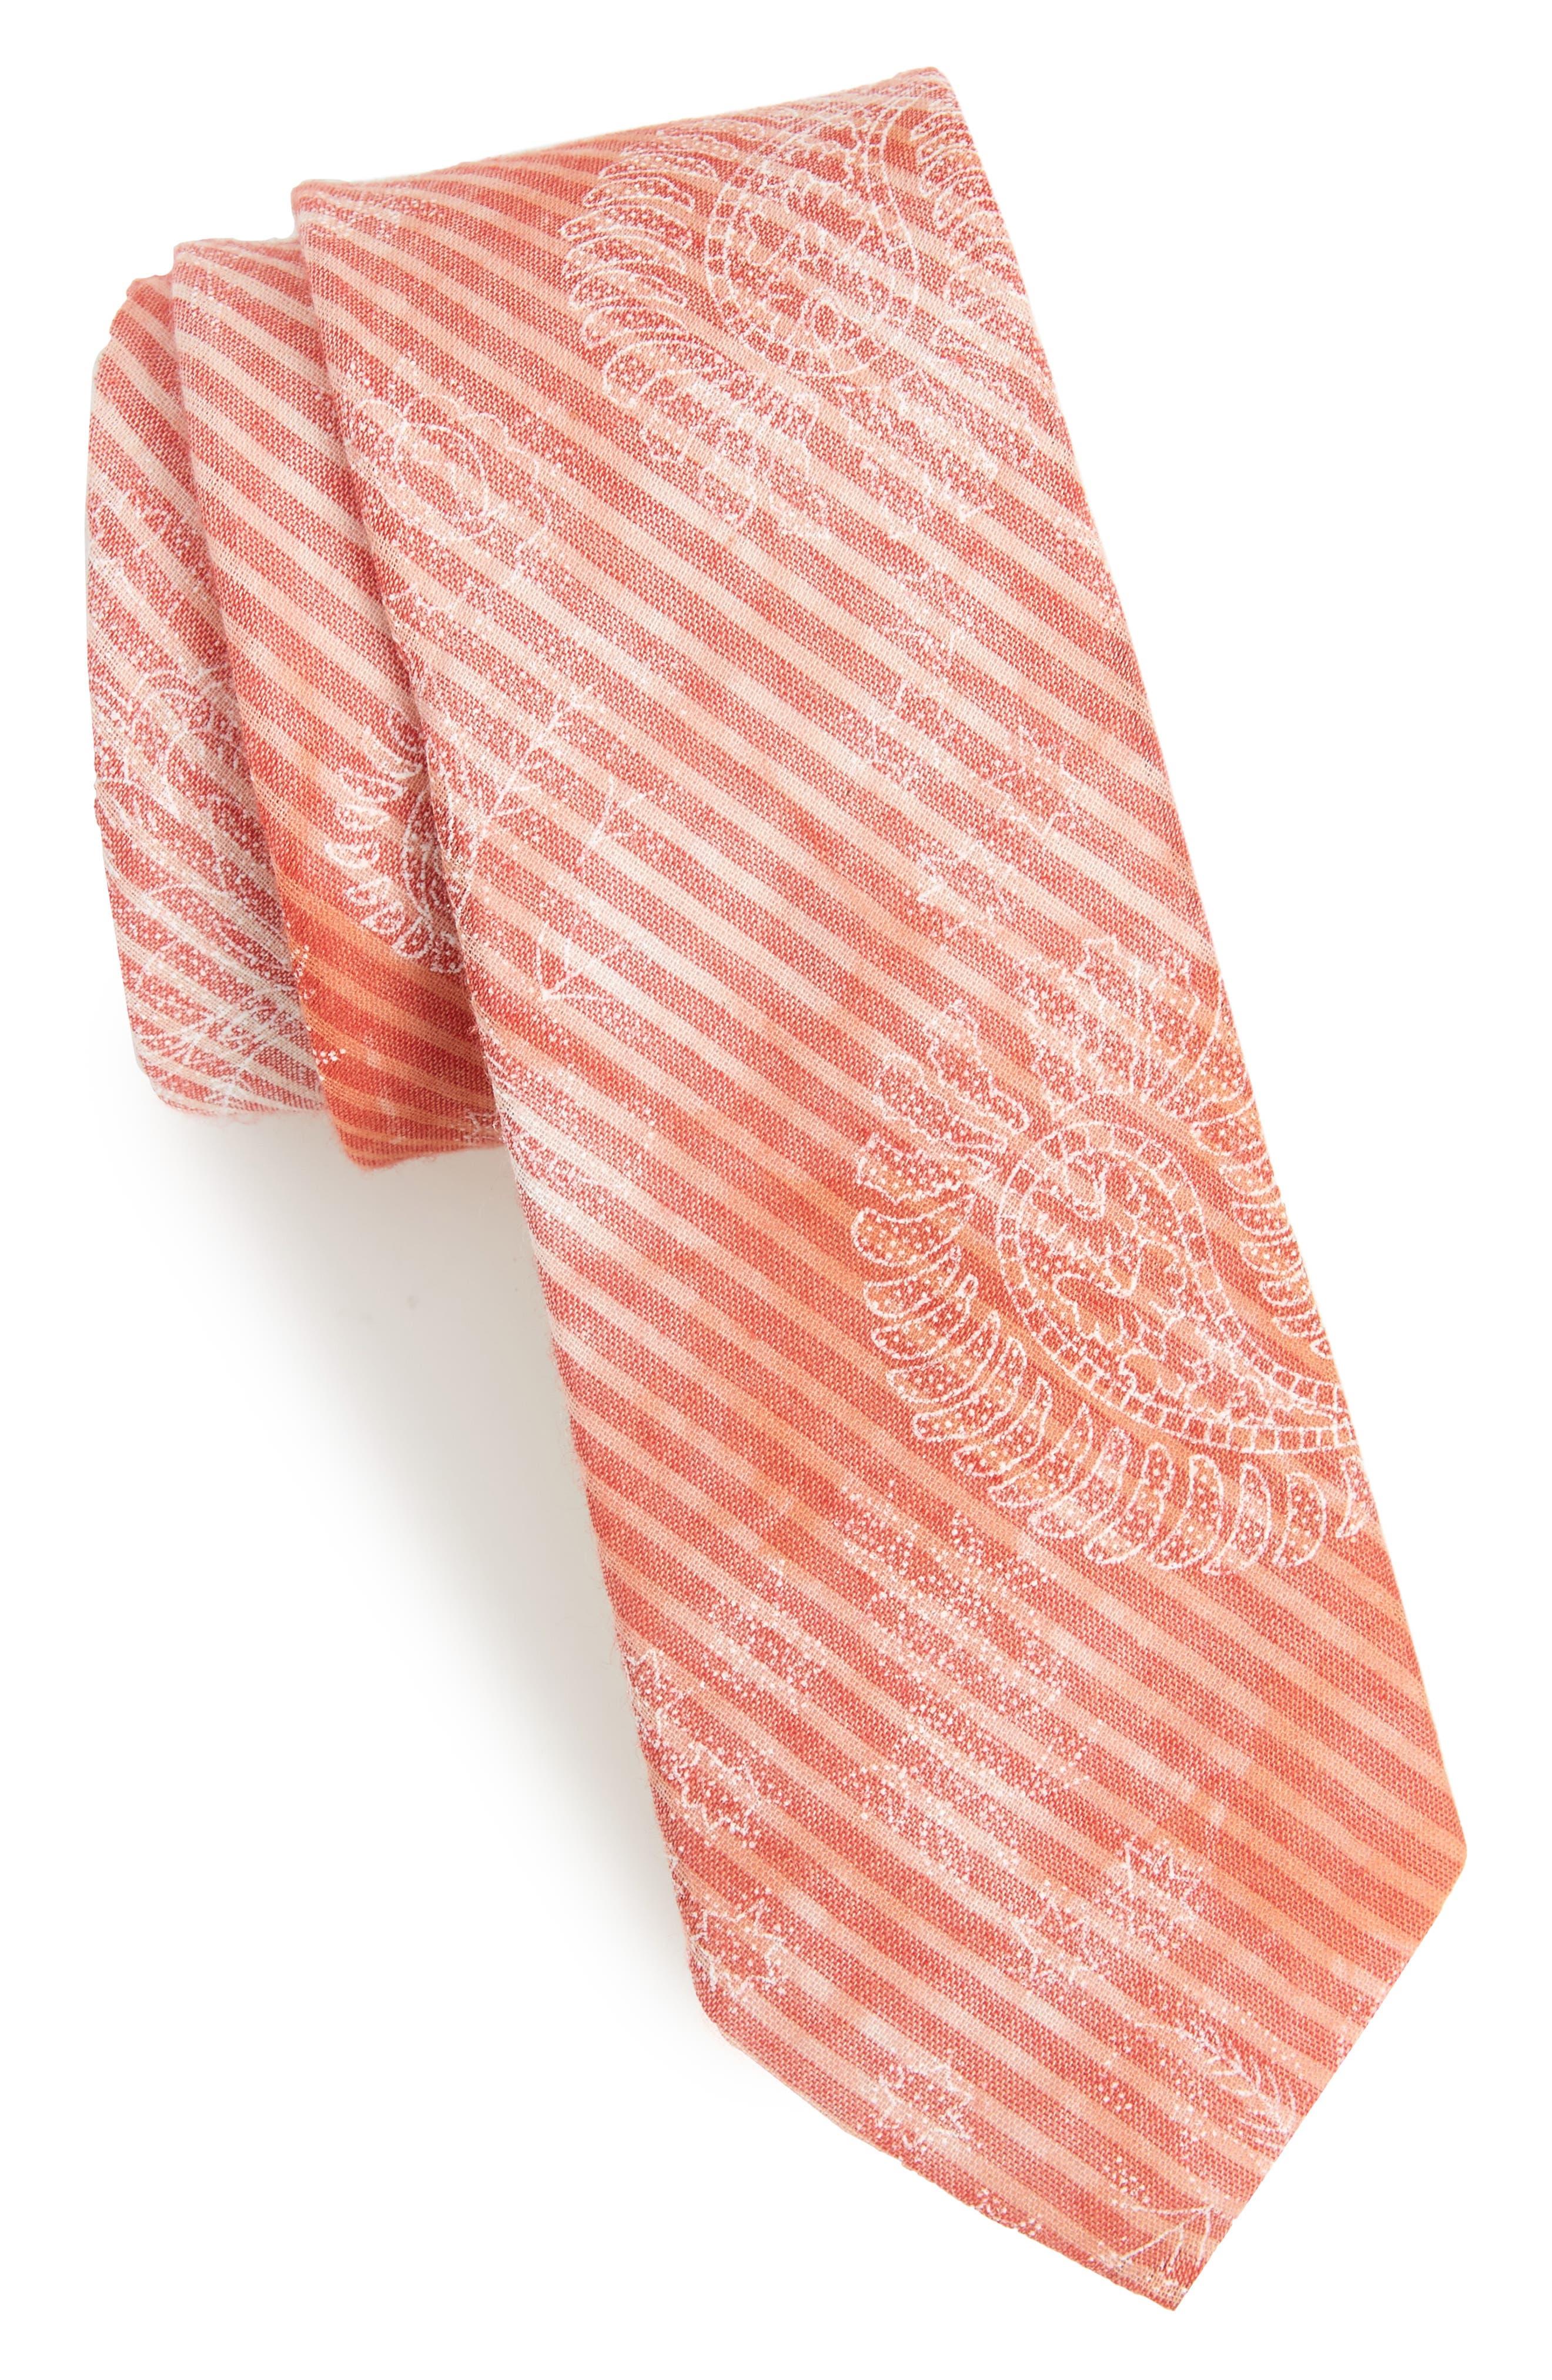 Lee Paisley Cotton Tie,                             Main thumbnail 3, color,